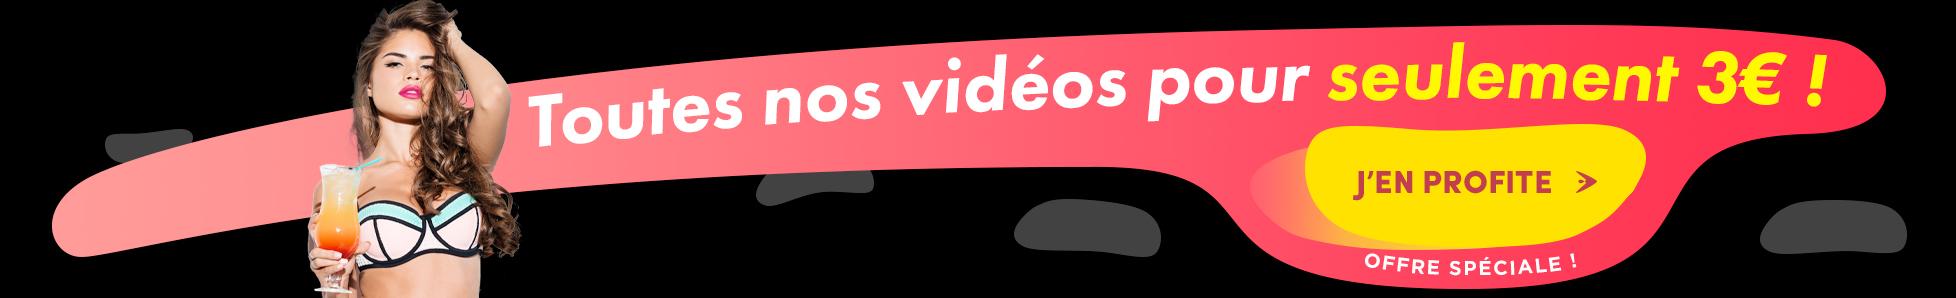 Toutes les vidéo porno de beurettes en illimité pendant 24h pour seulement 3€